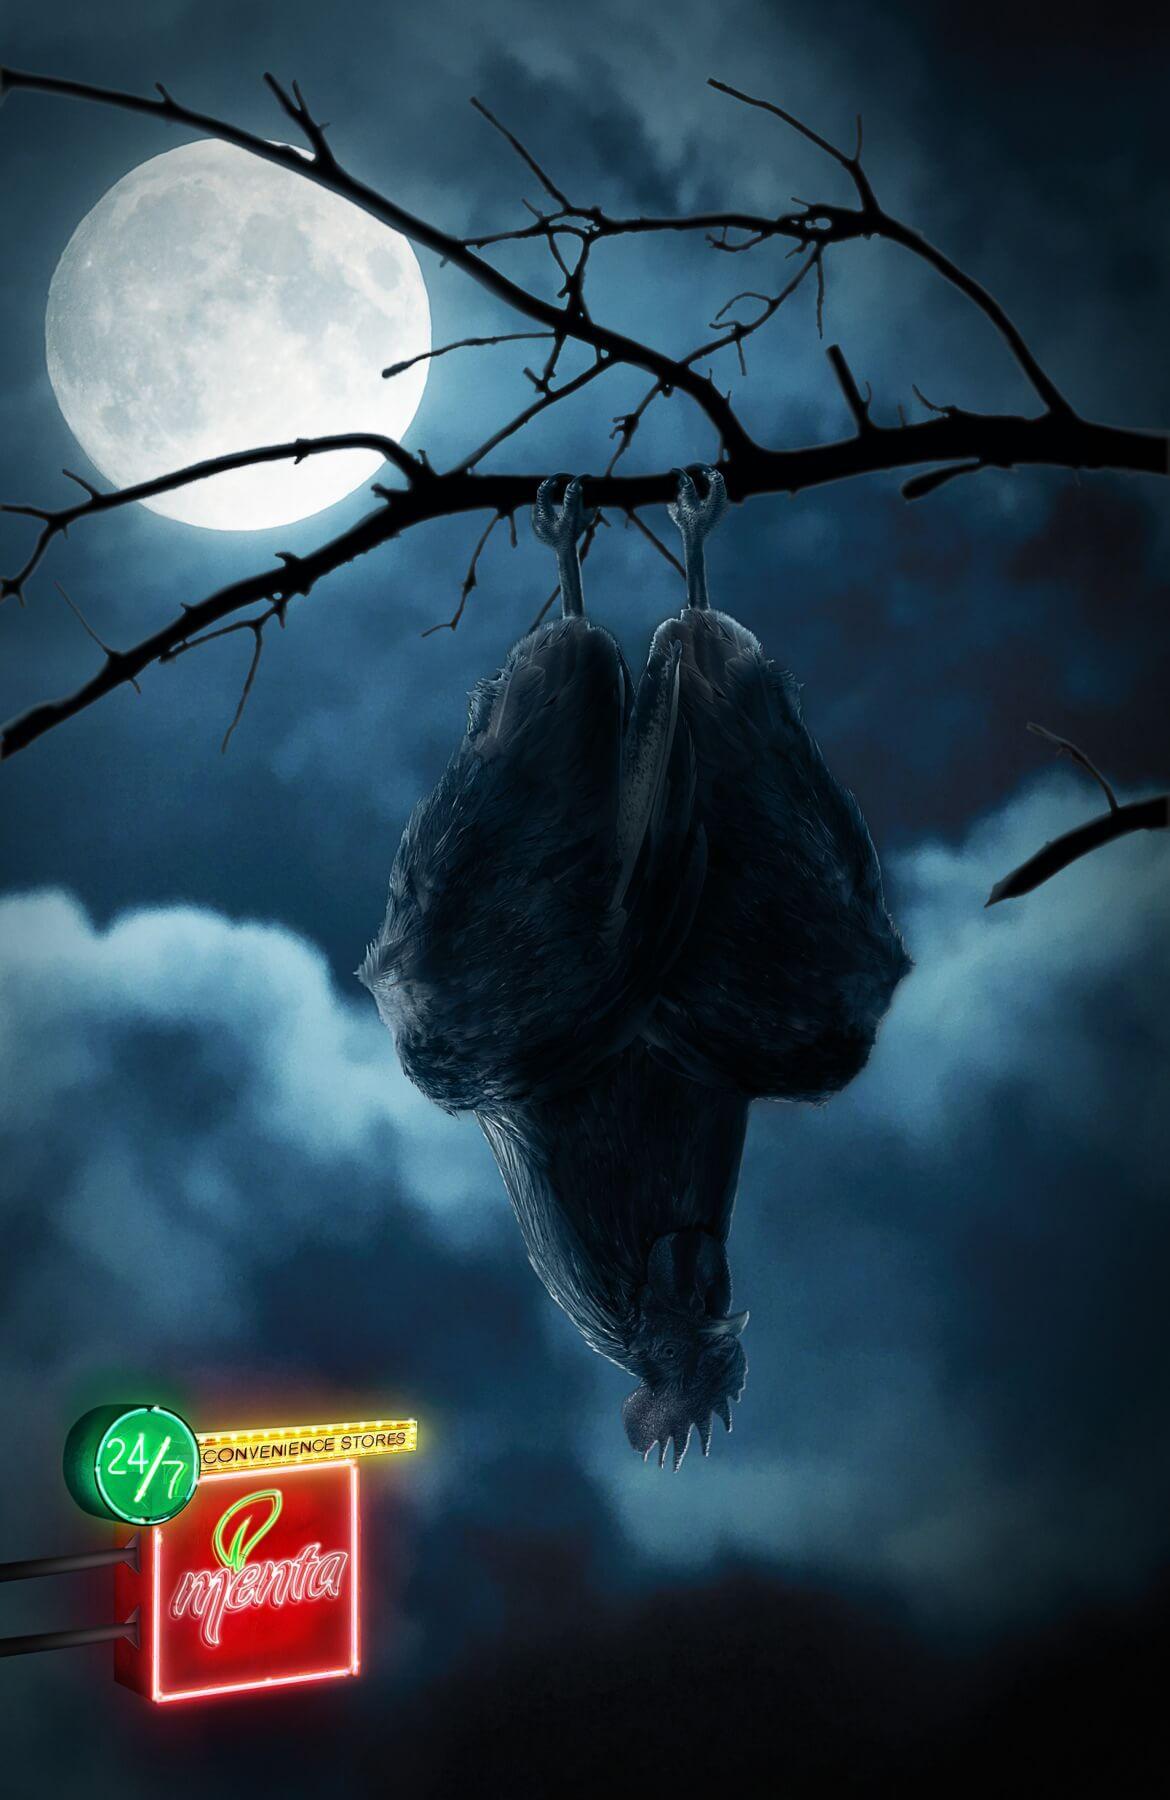 Criatura nocturna y despertador seguro.